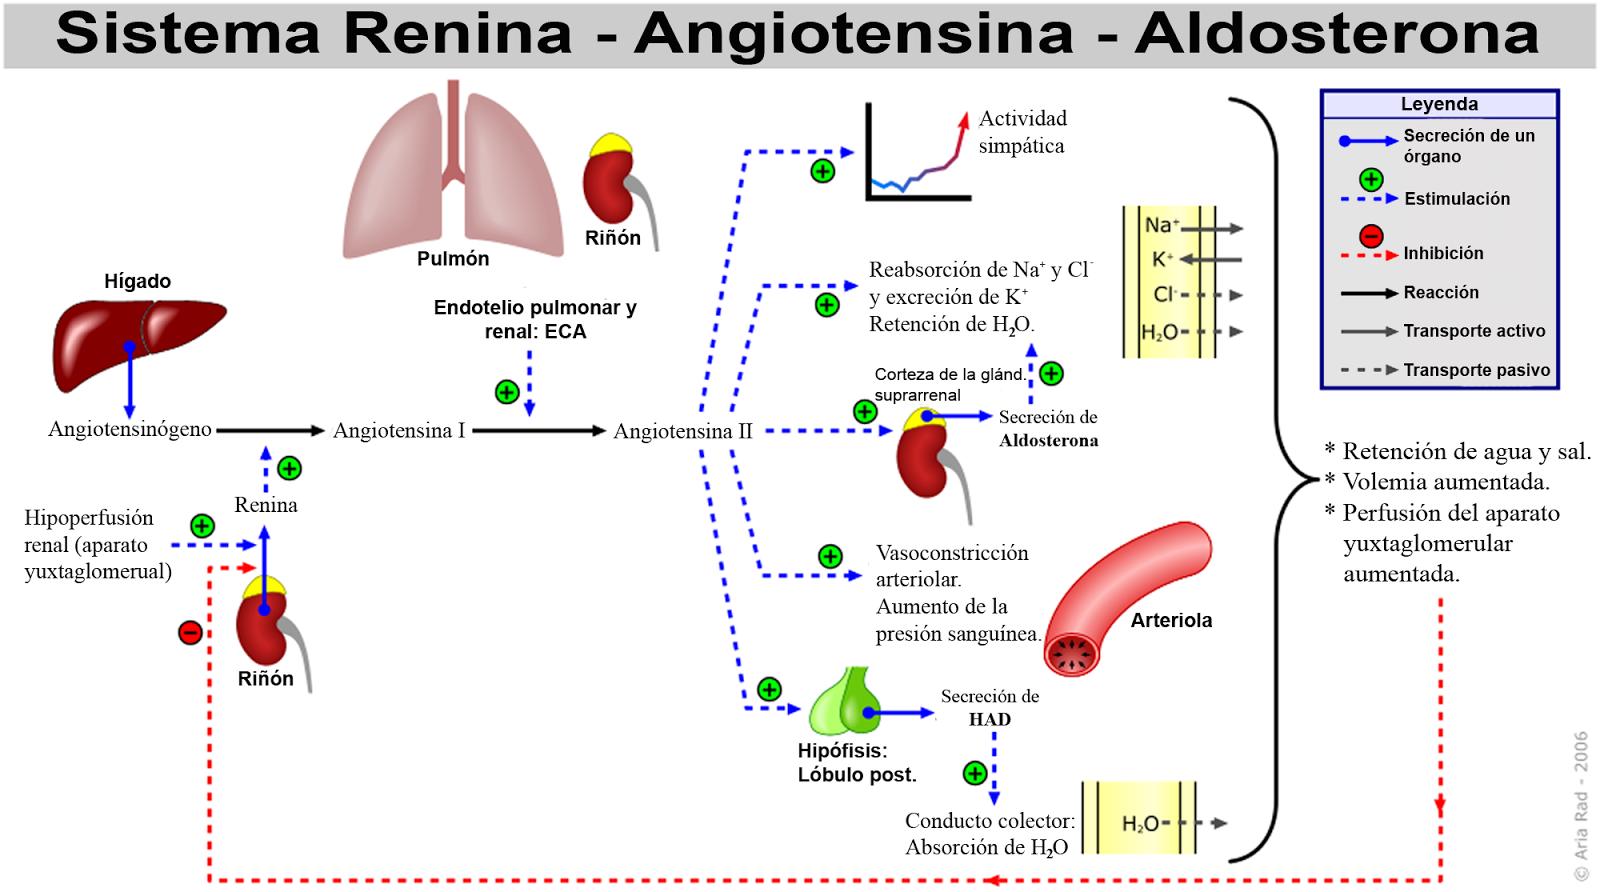 Sistema renina angiotensina (sra)